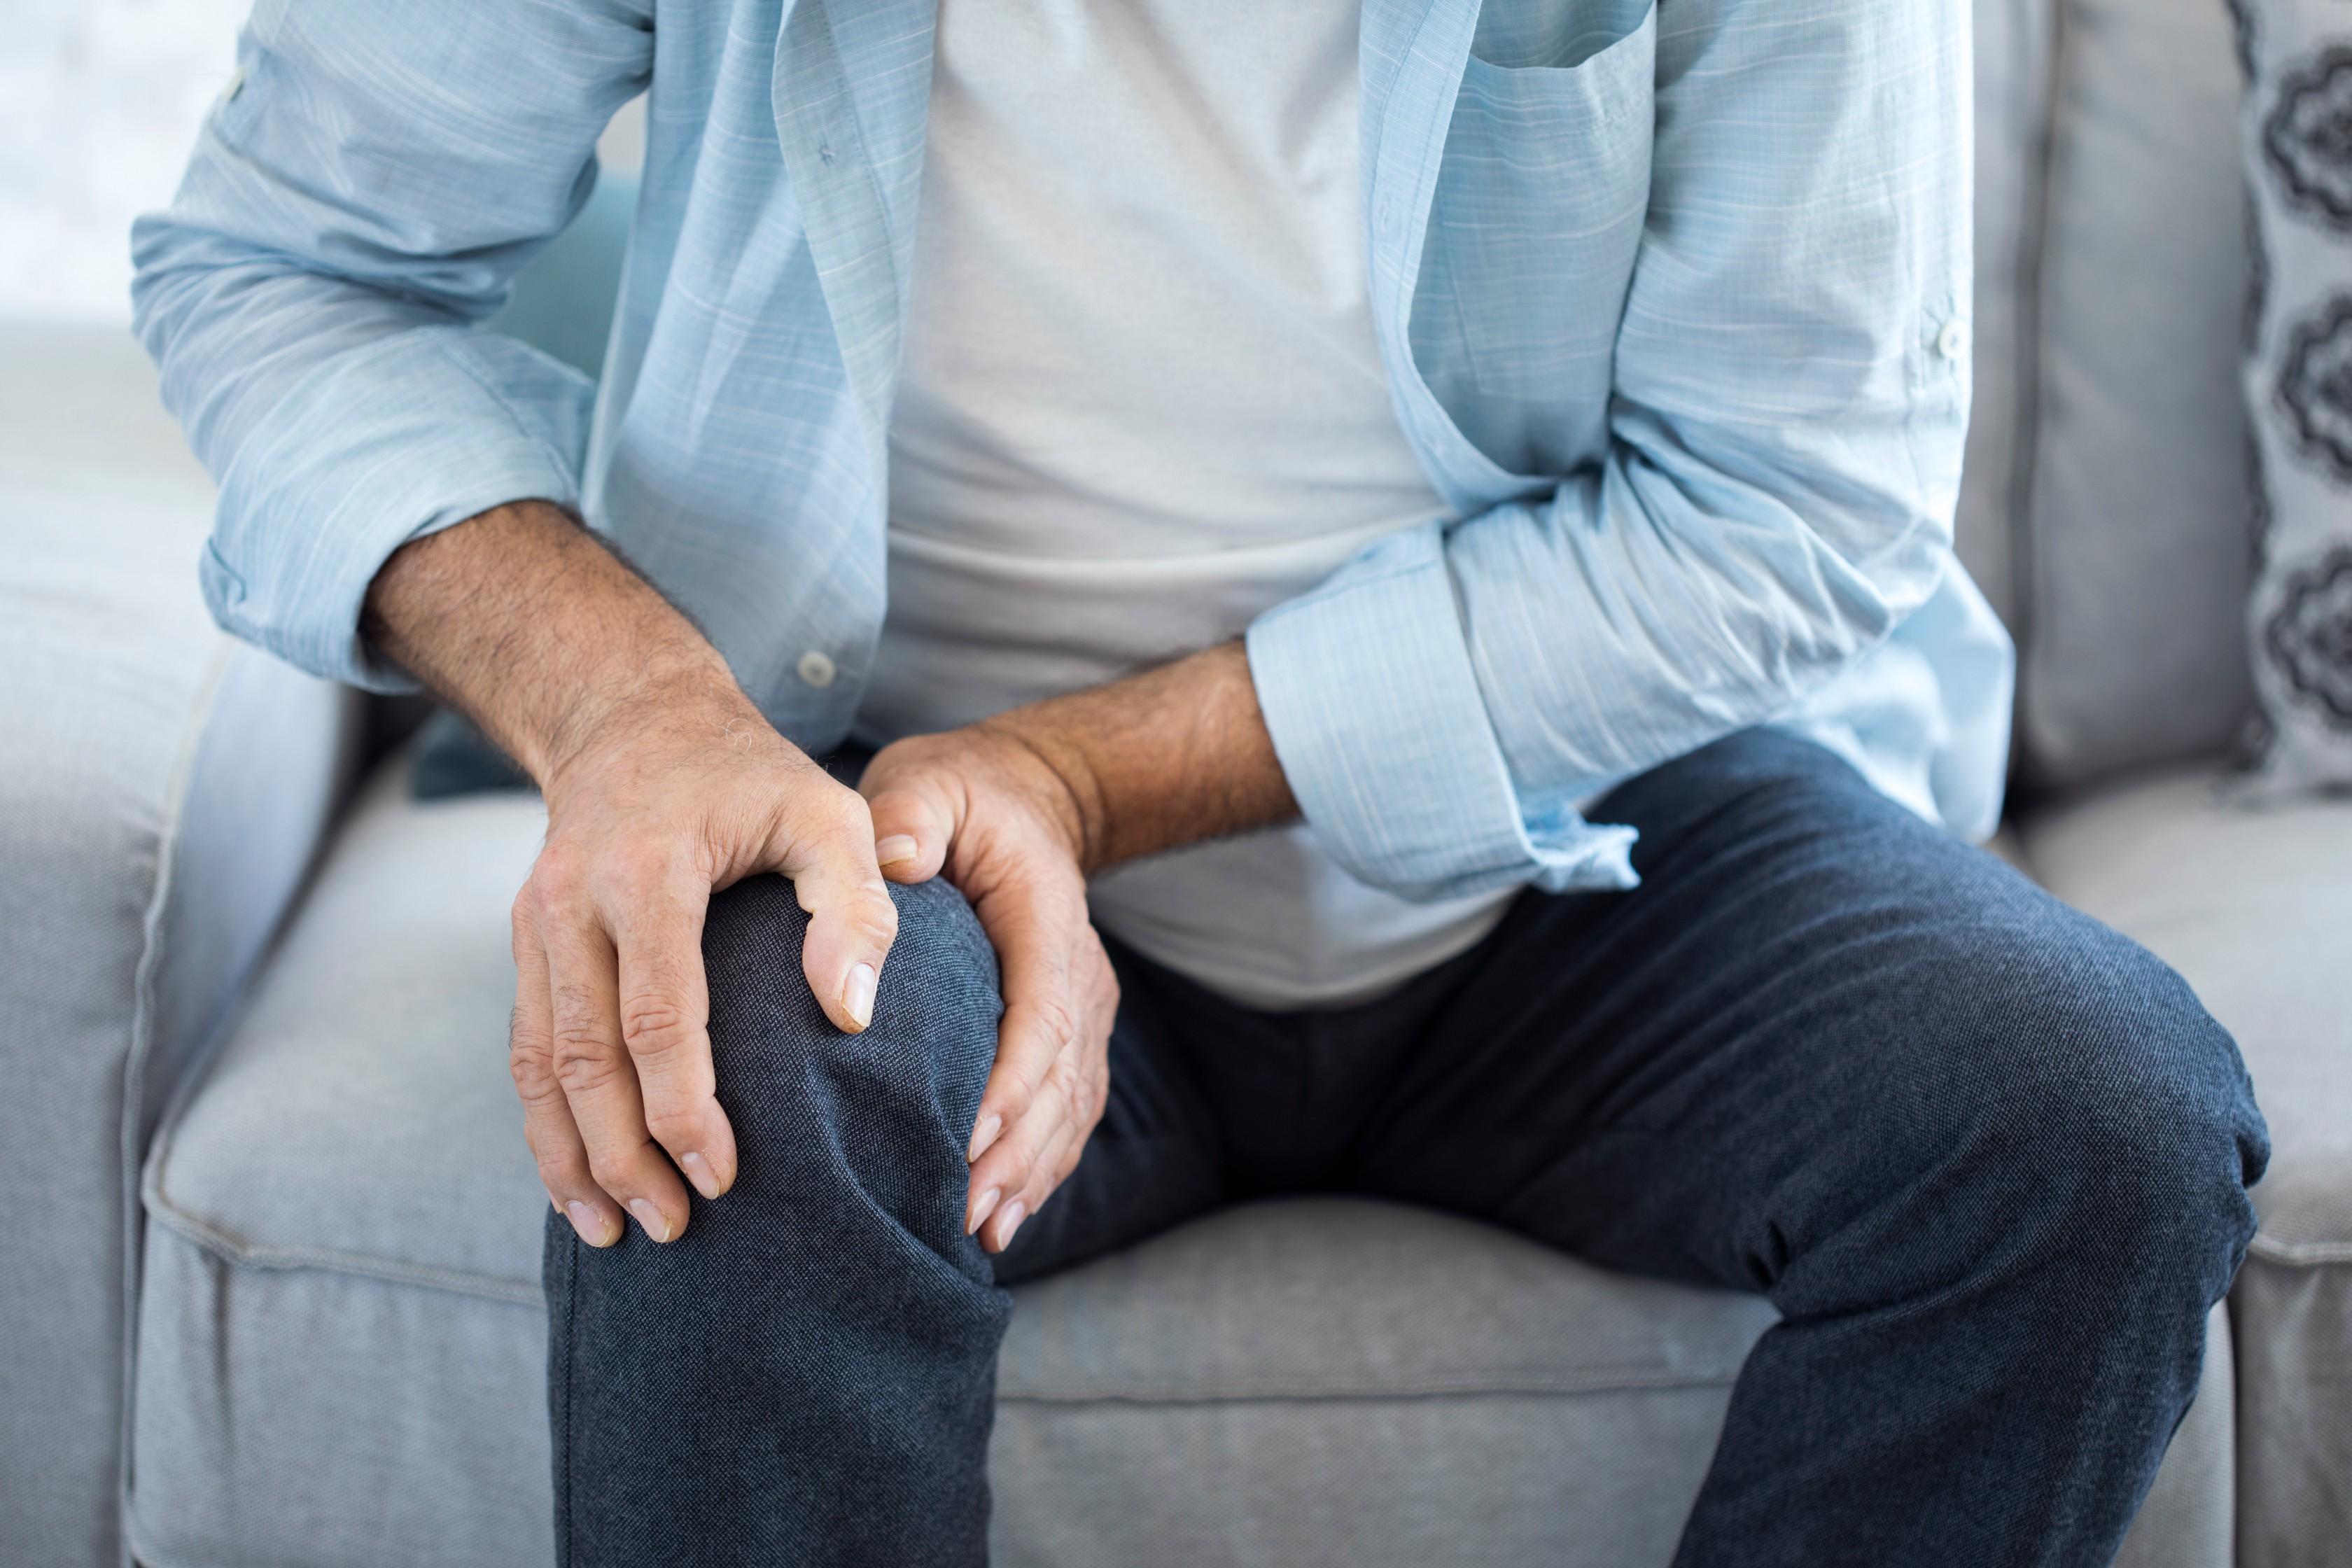 otthoni mentő ízületi fájdalomra